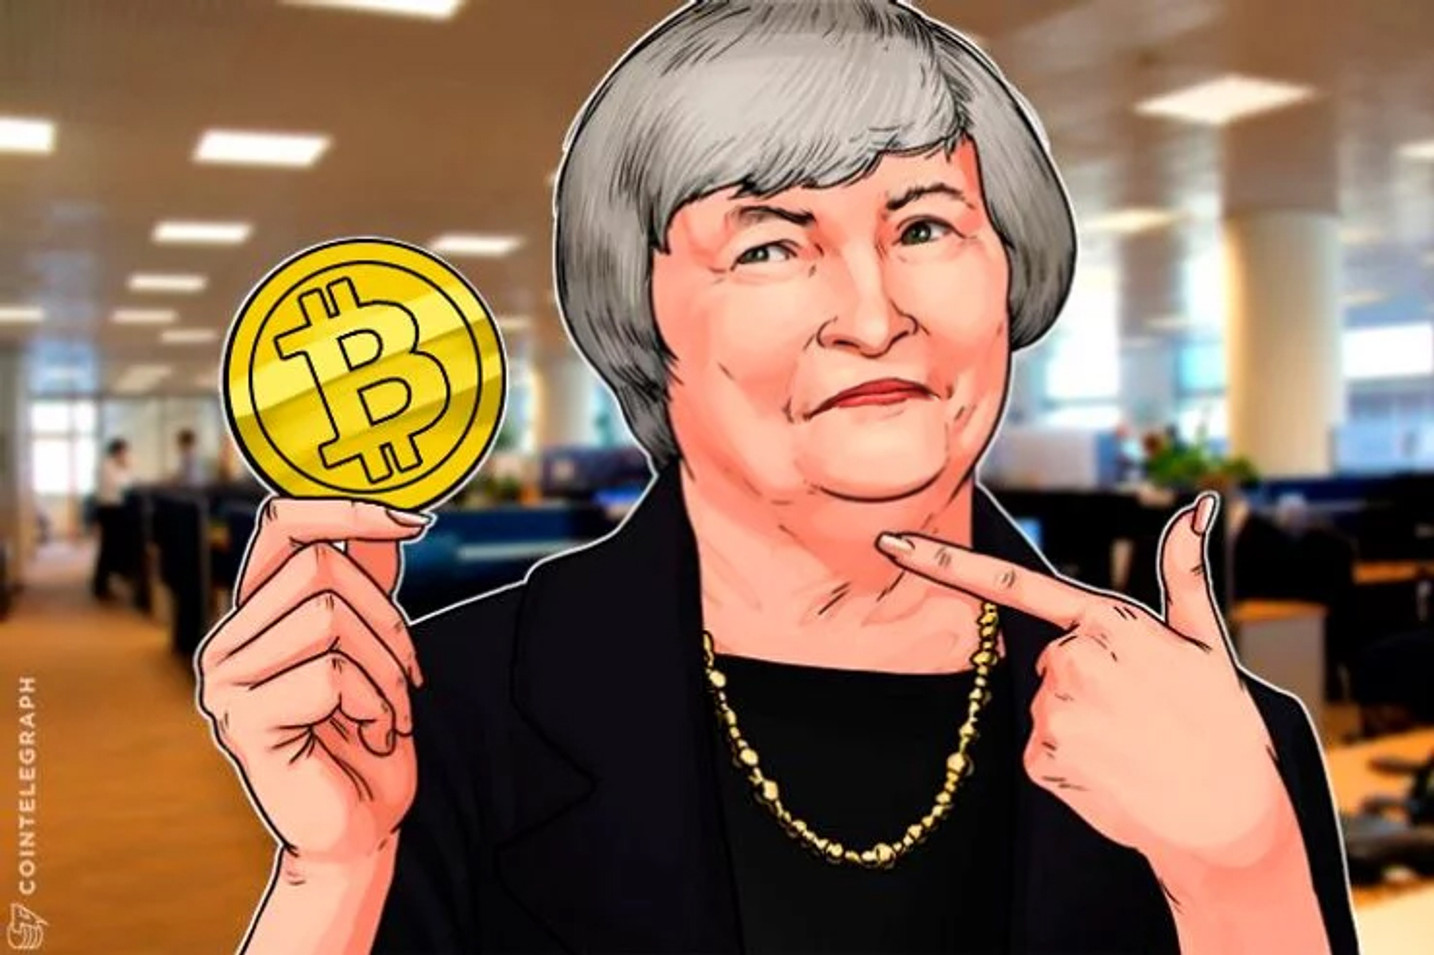 イエレン前FRB議長 ビットコインを全否定 競争相手として意識?